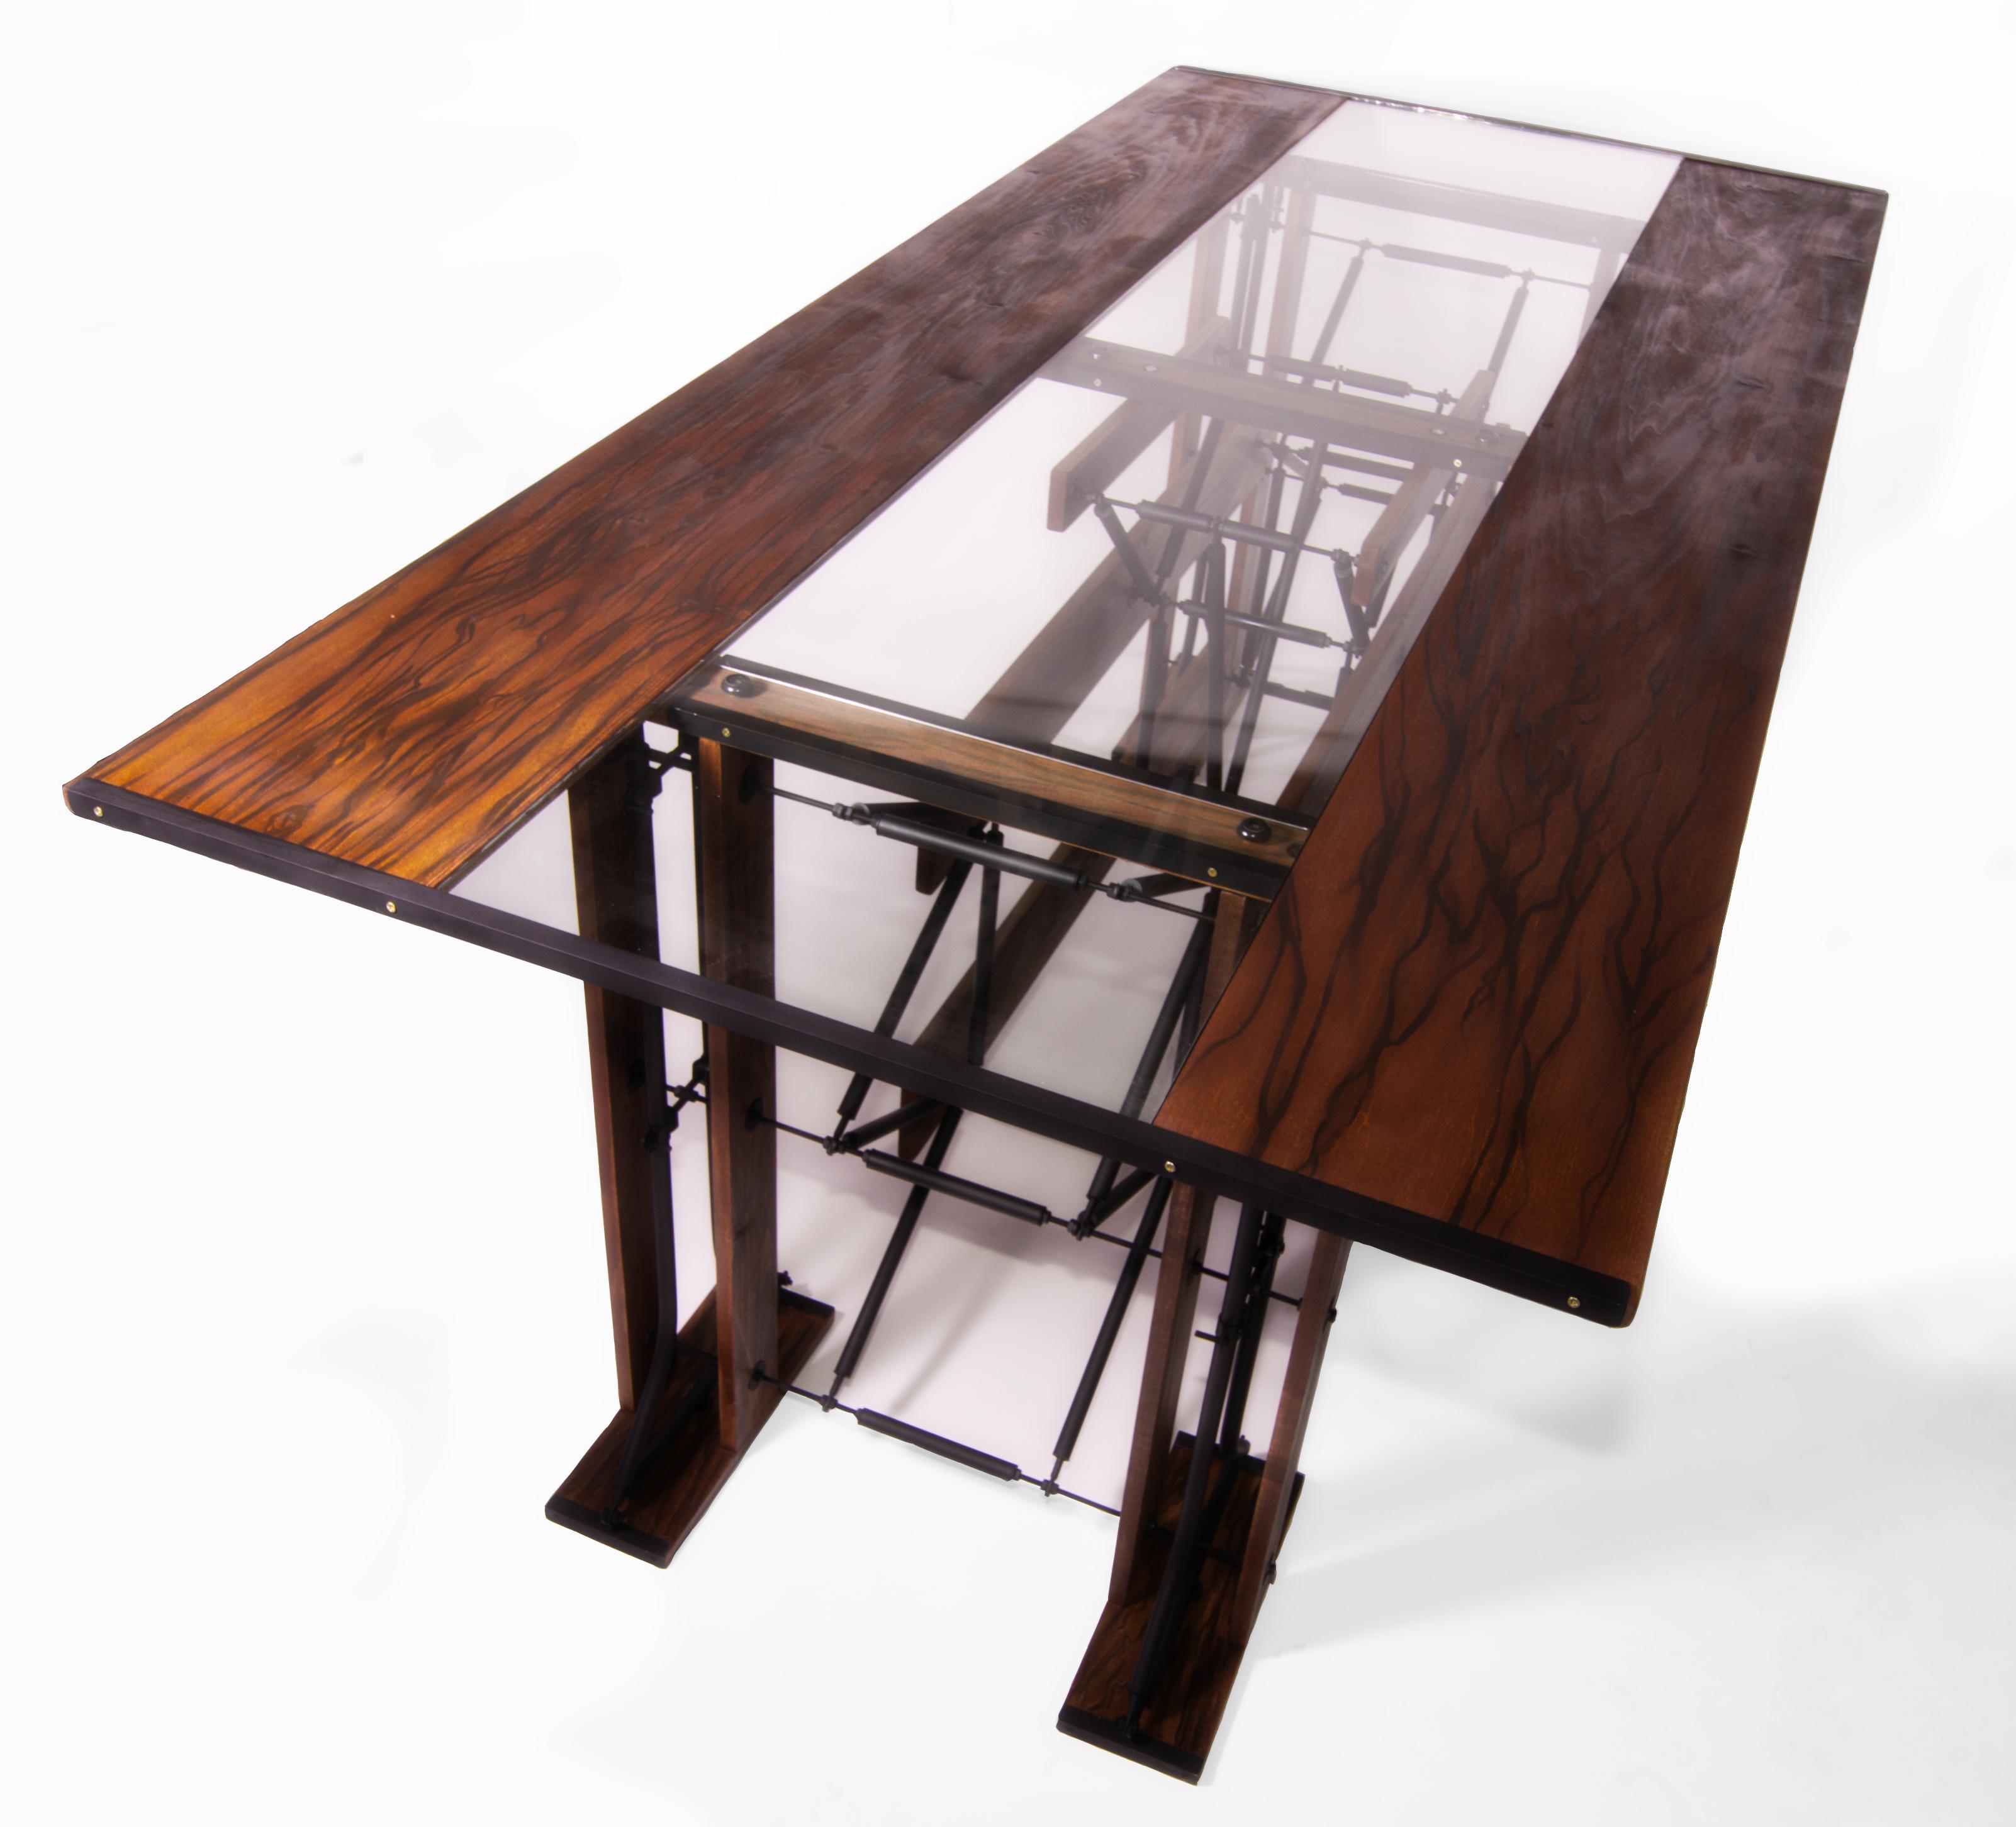 Interactive dezigns - Full room wooden design ...